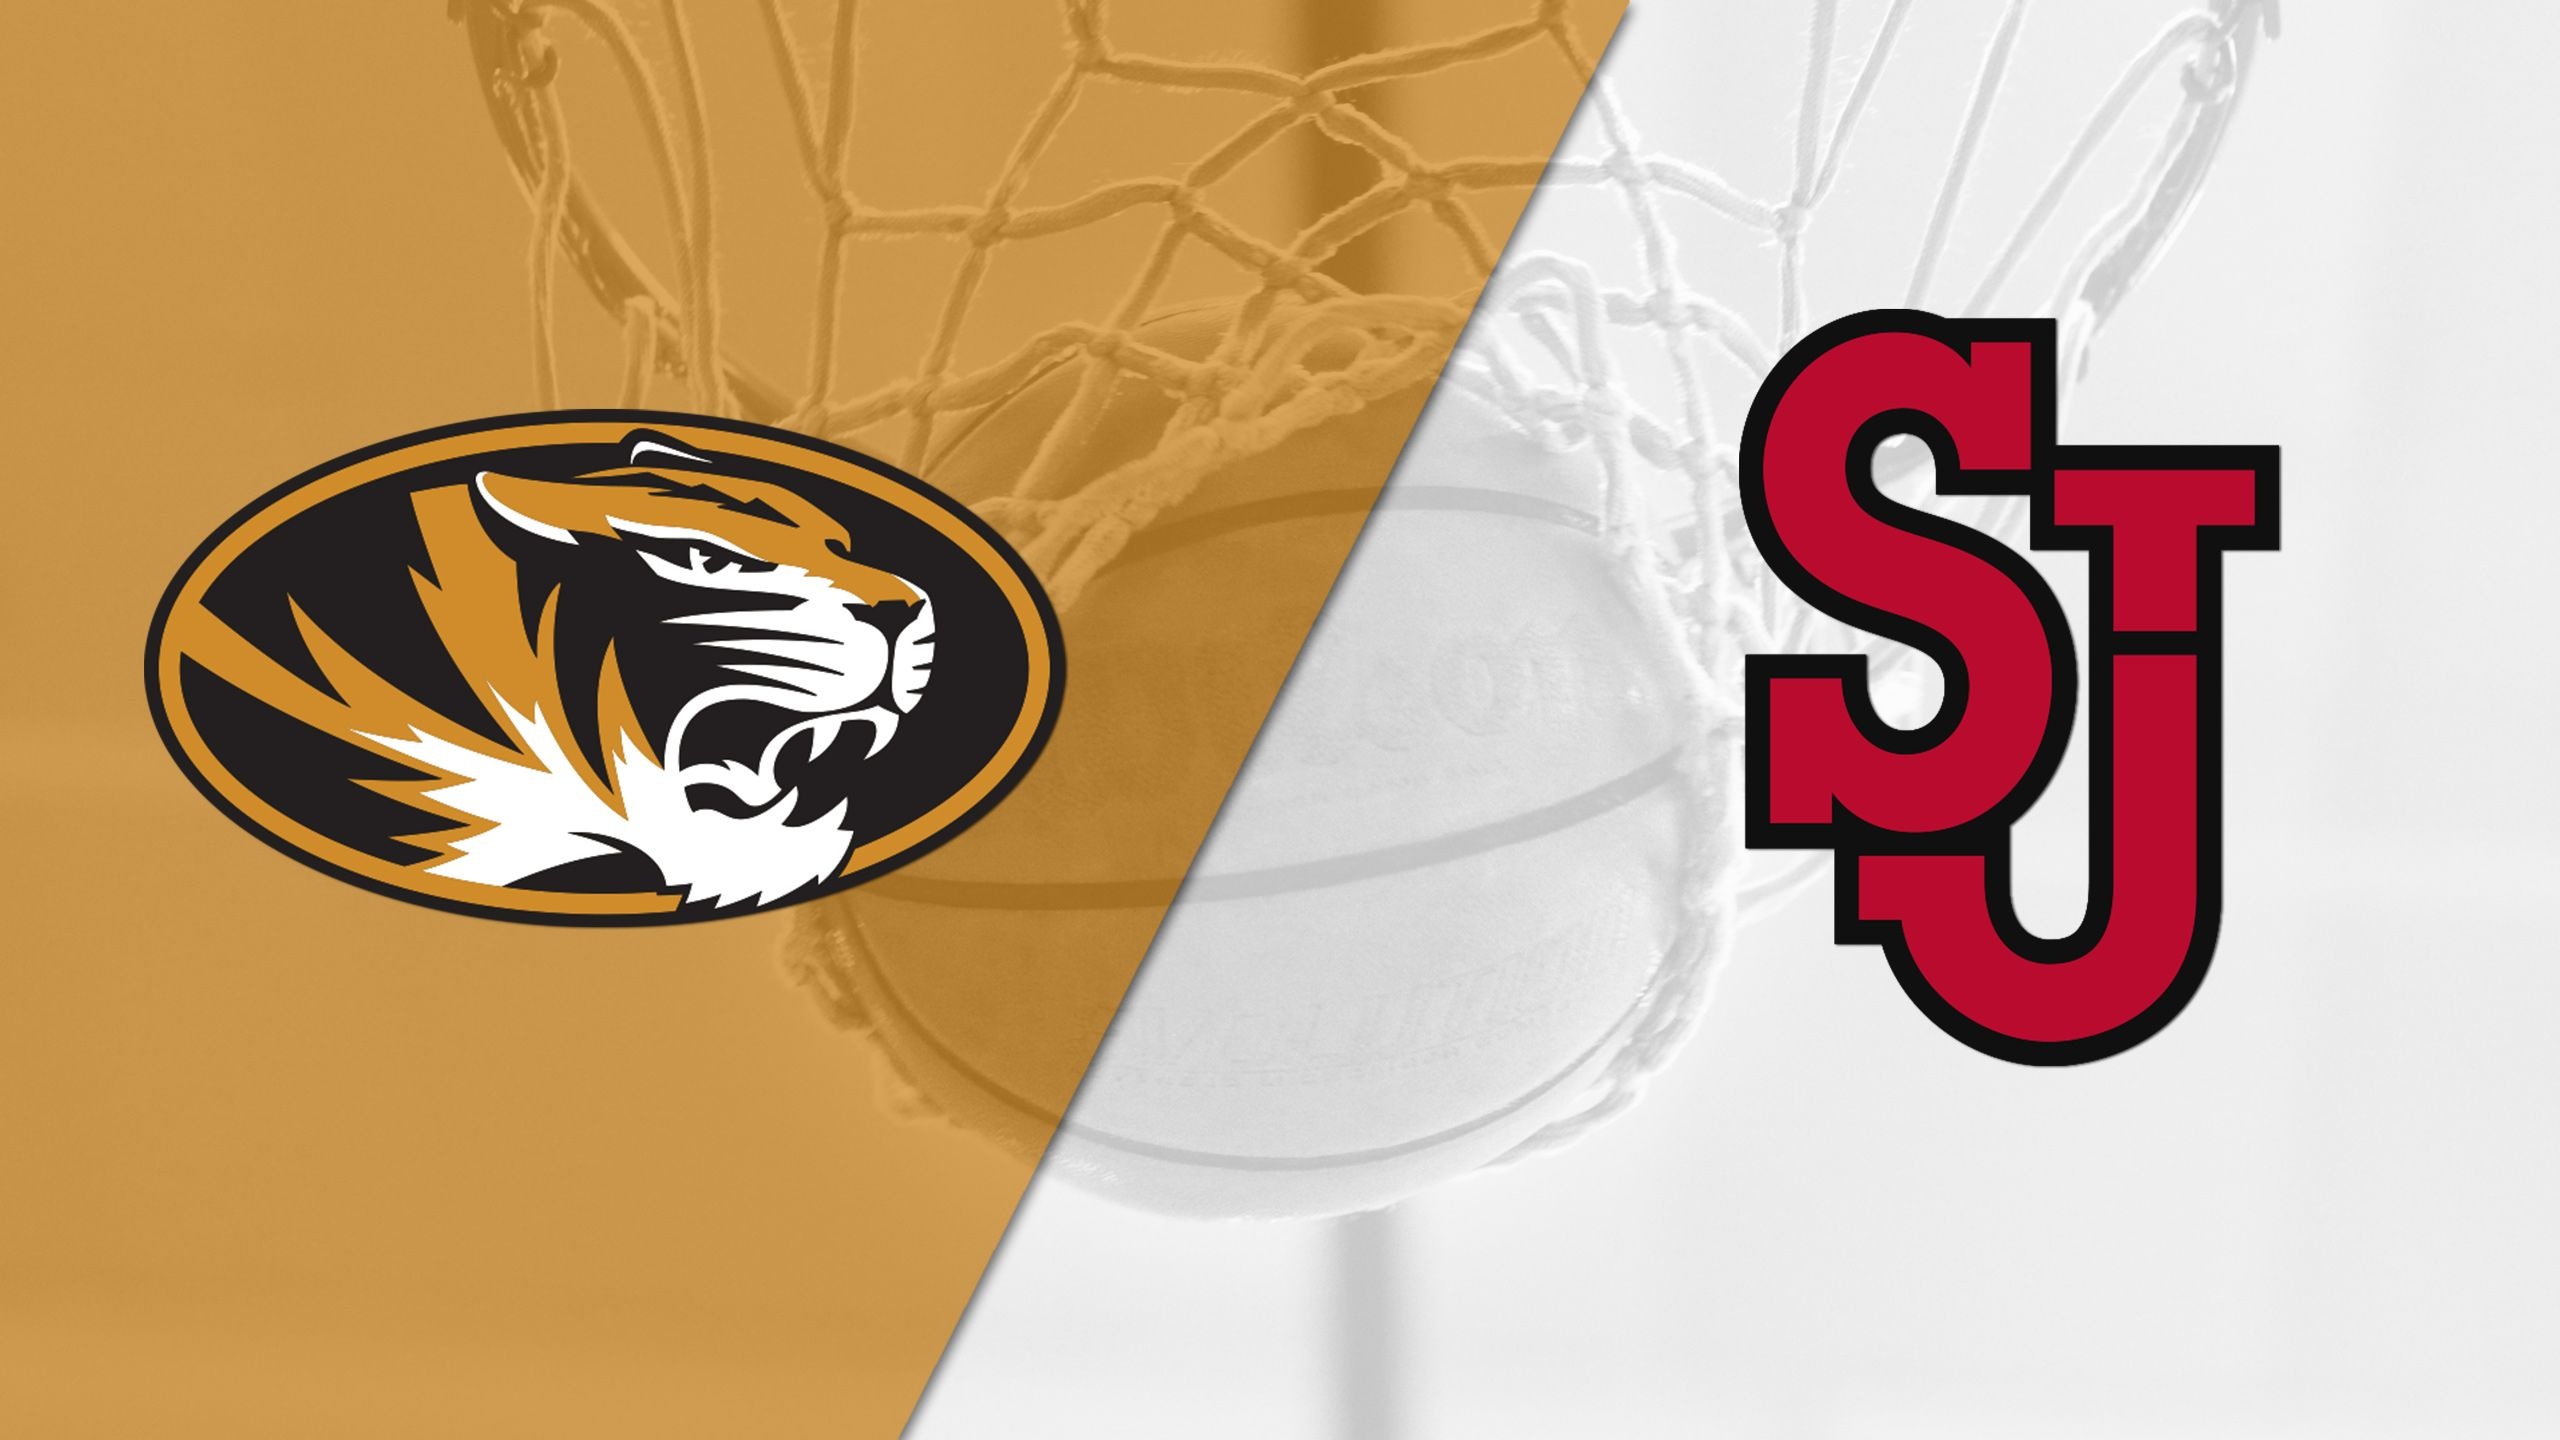 Missouri vs. St. John's (Semifinal #1) (Advocare Invitational)